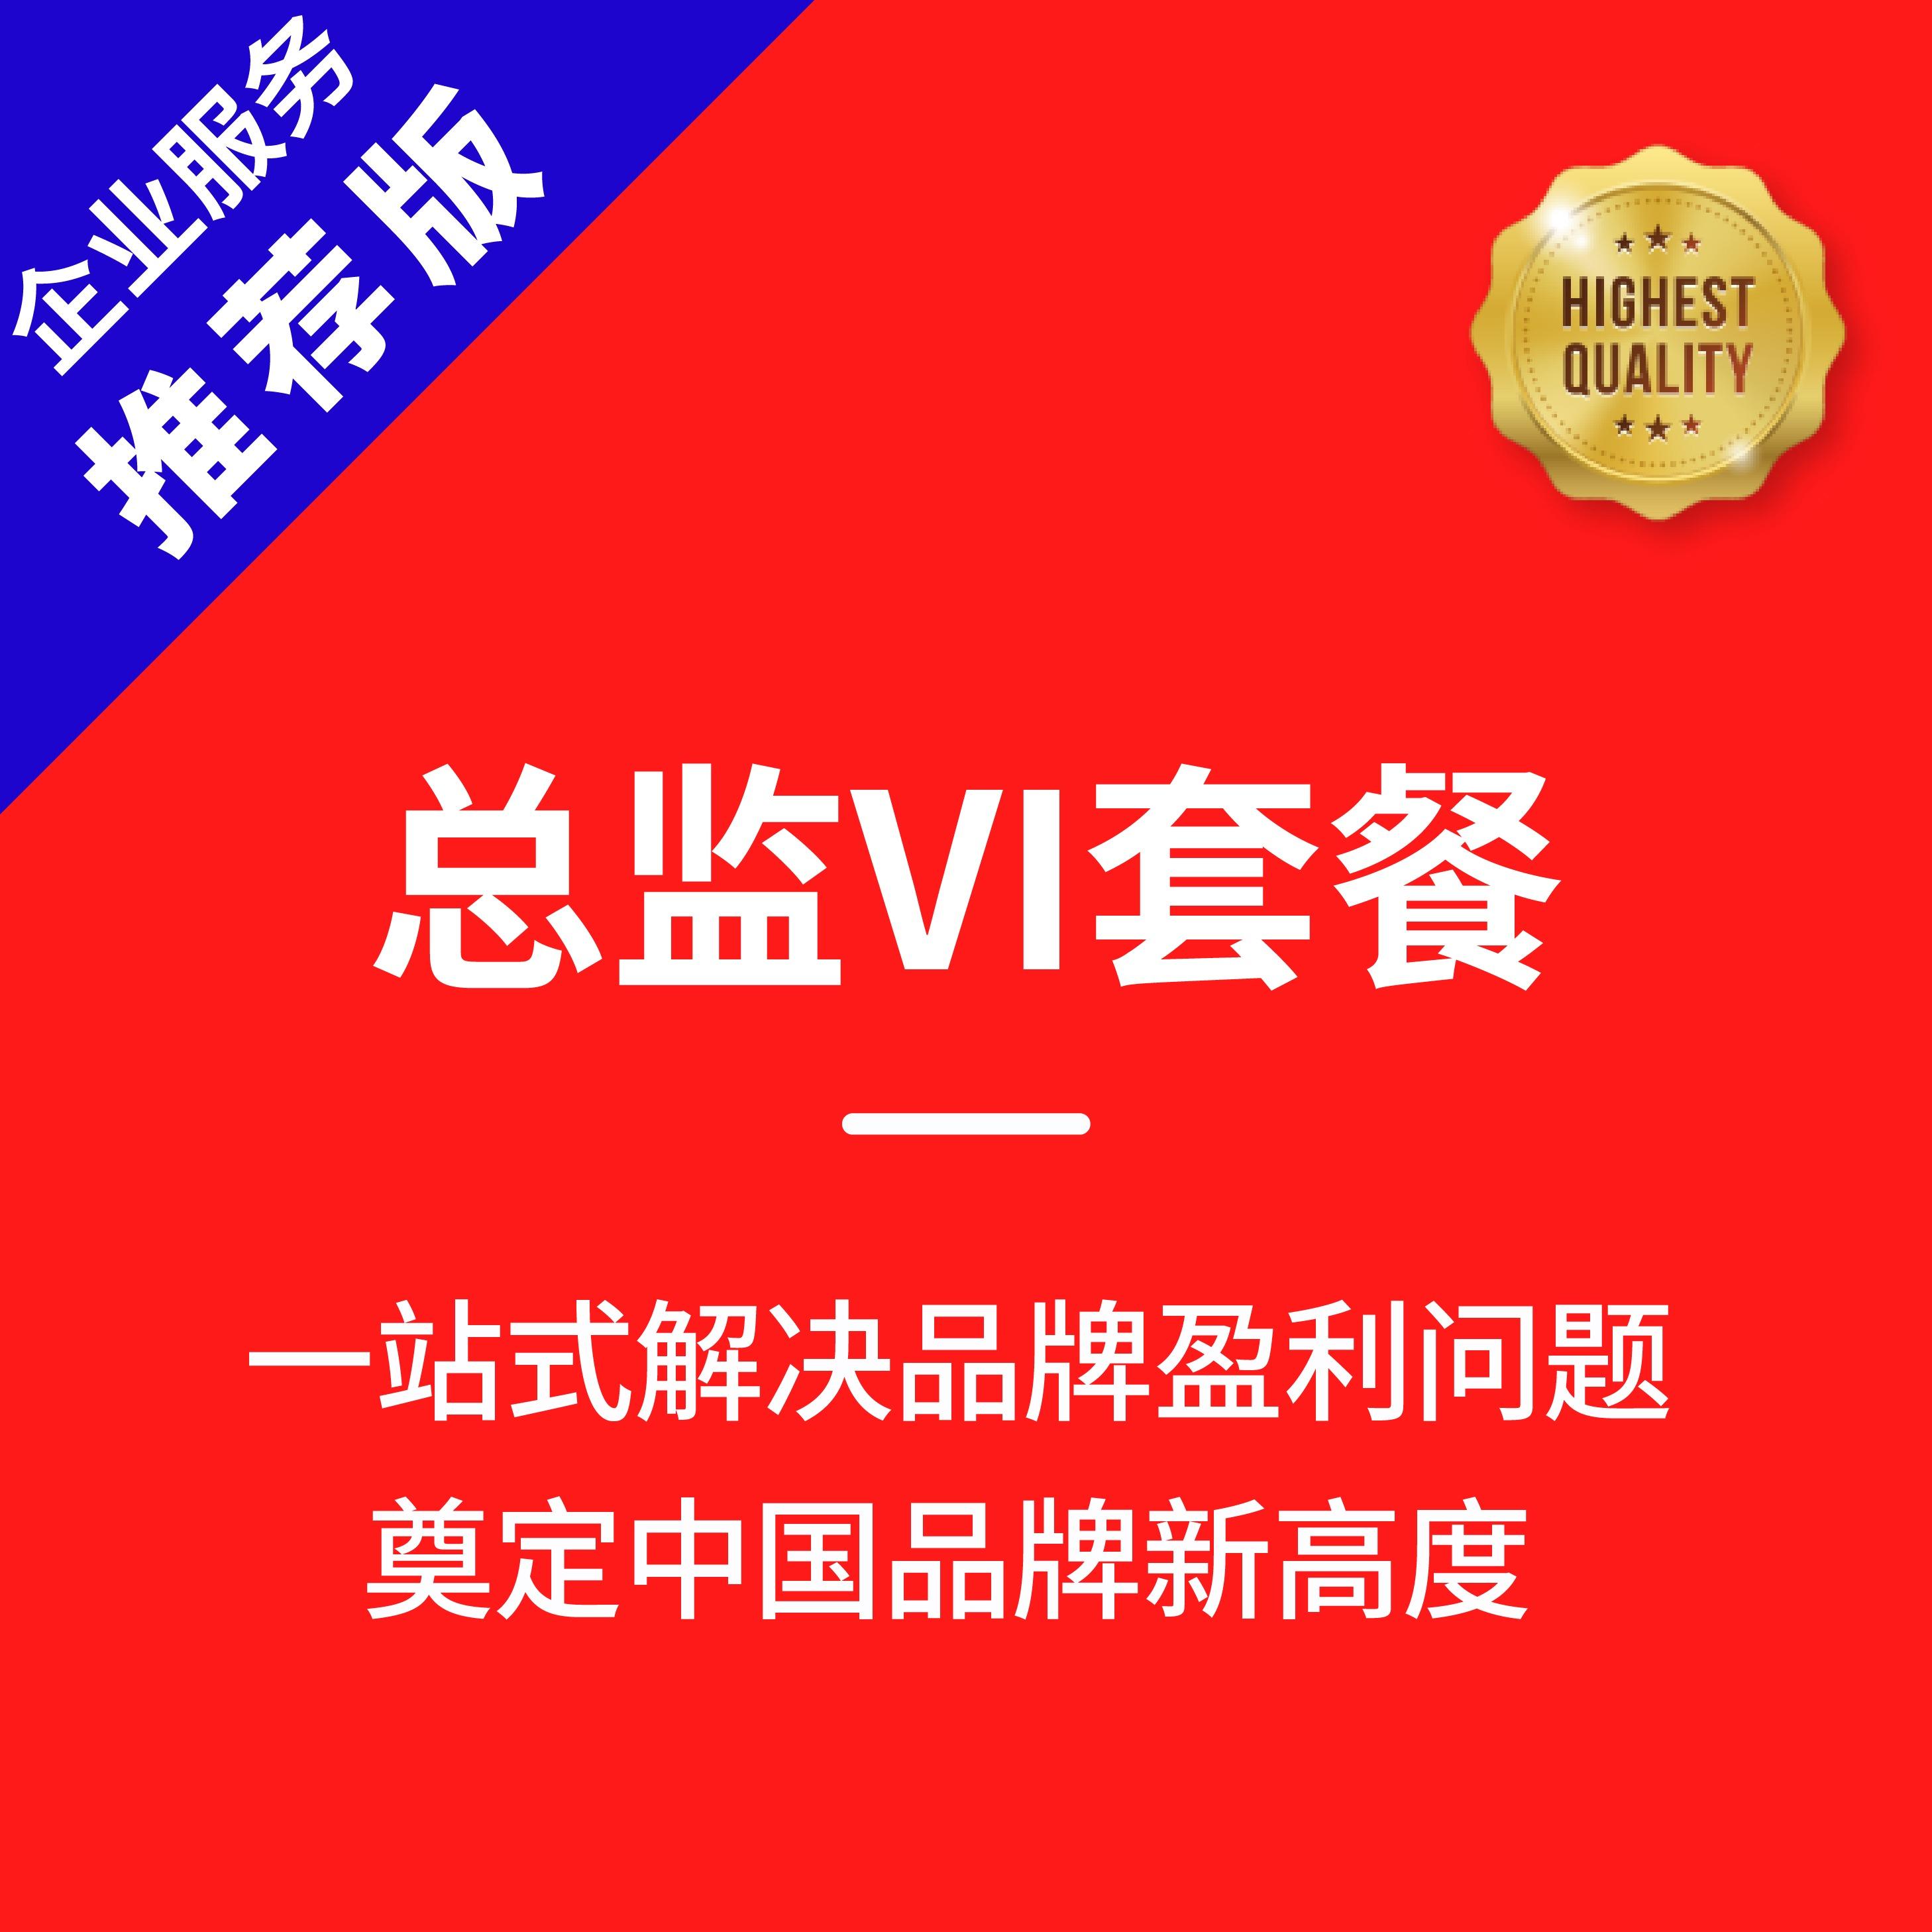 企业VI设计视觉互联网医疗LOGO文化商标志教育区域公用品牌